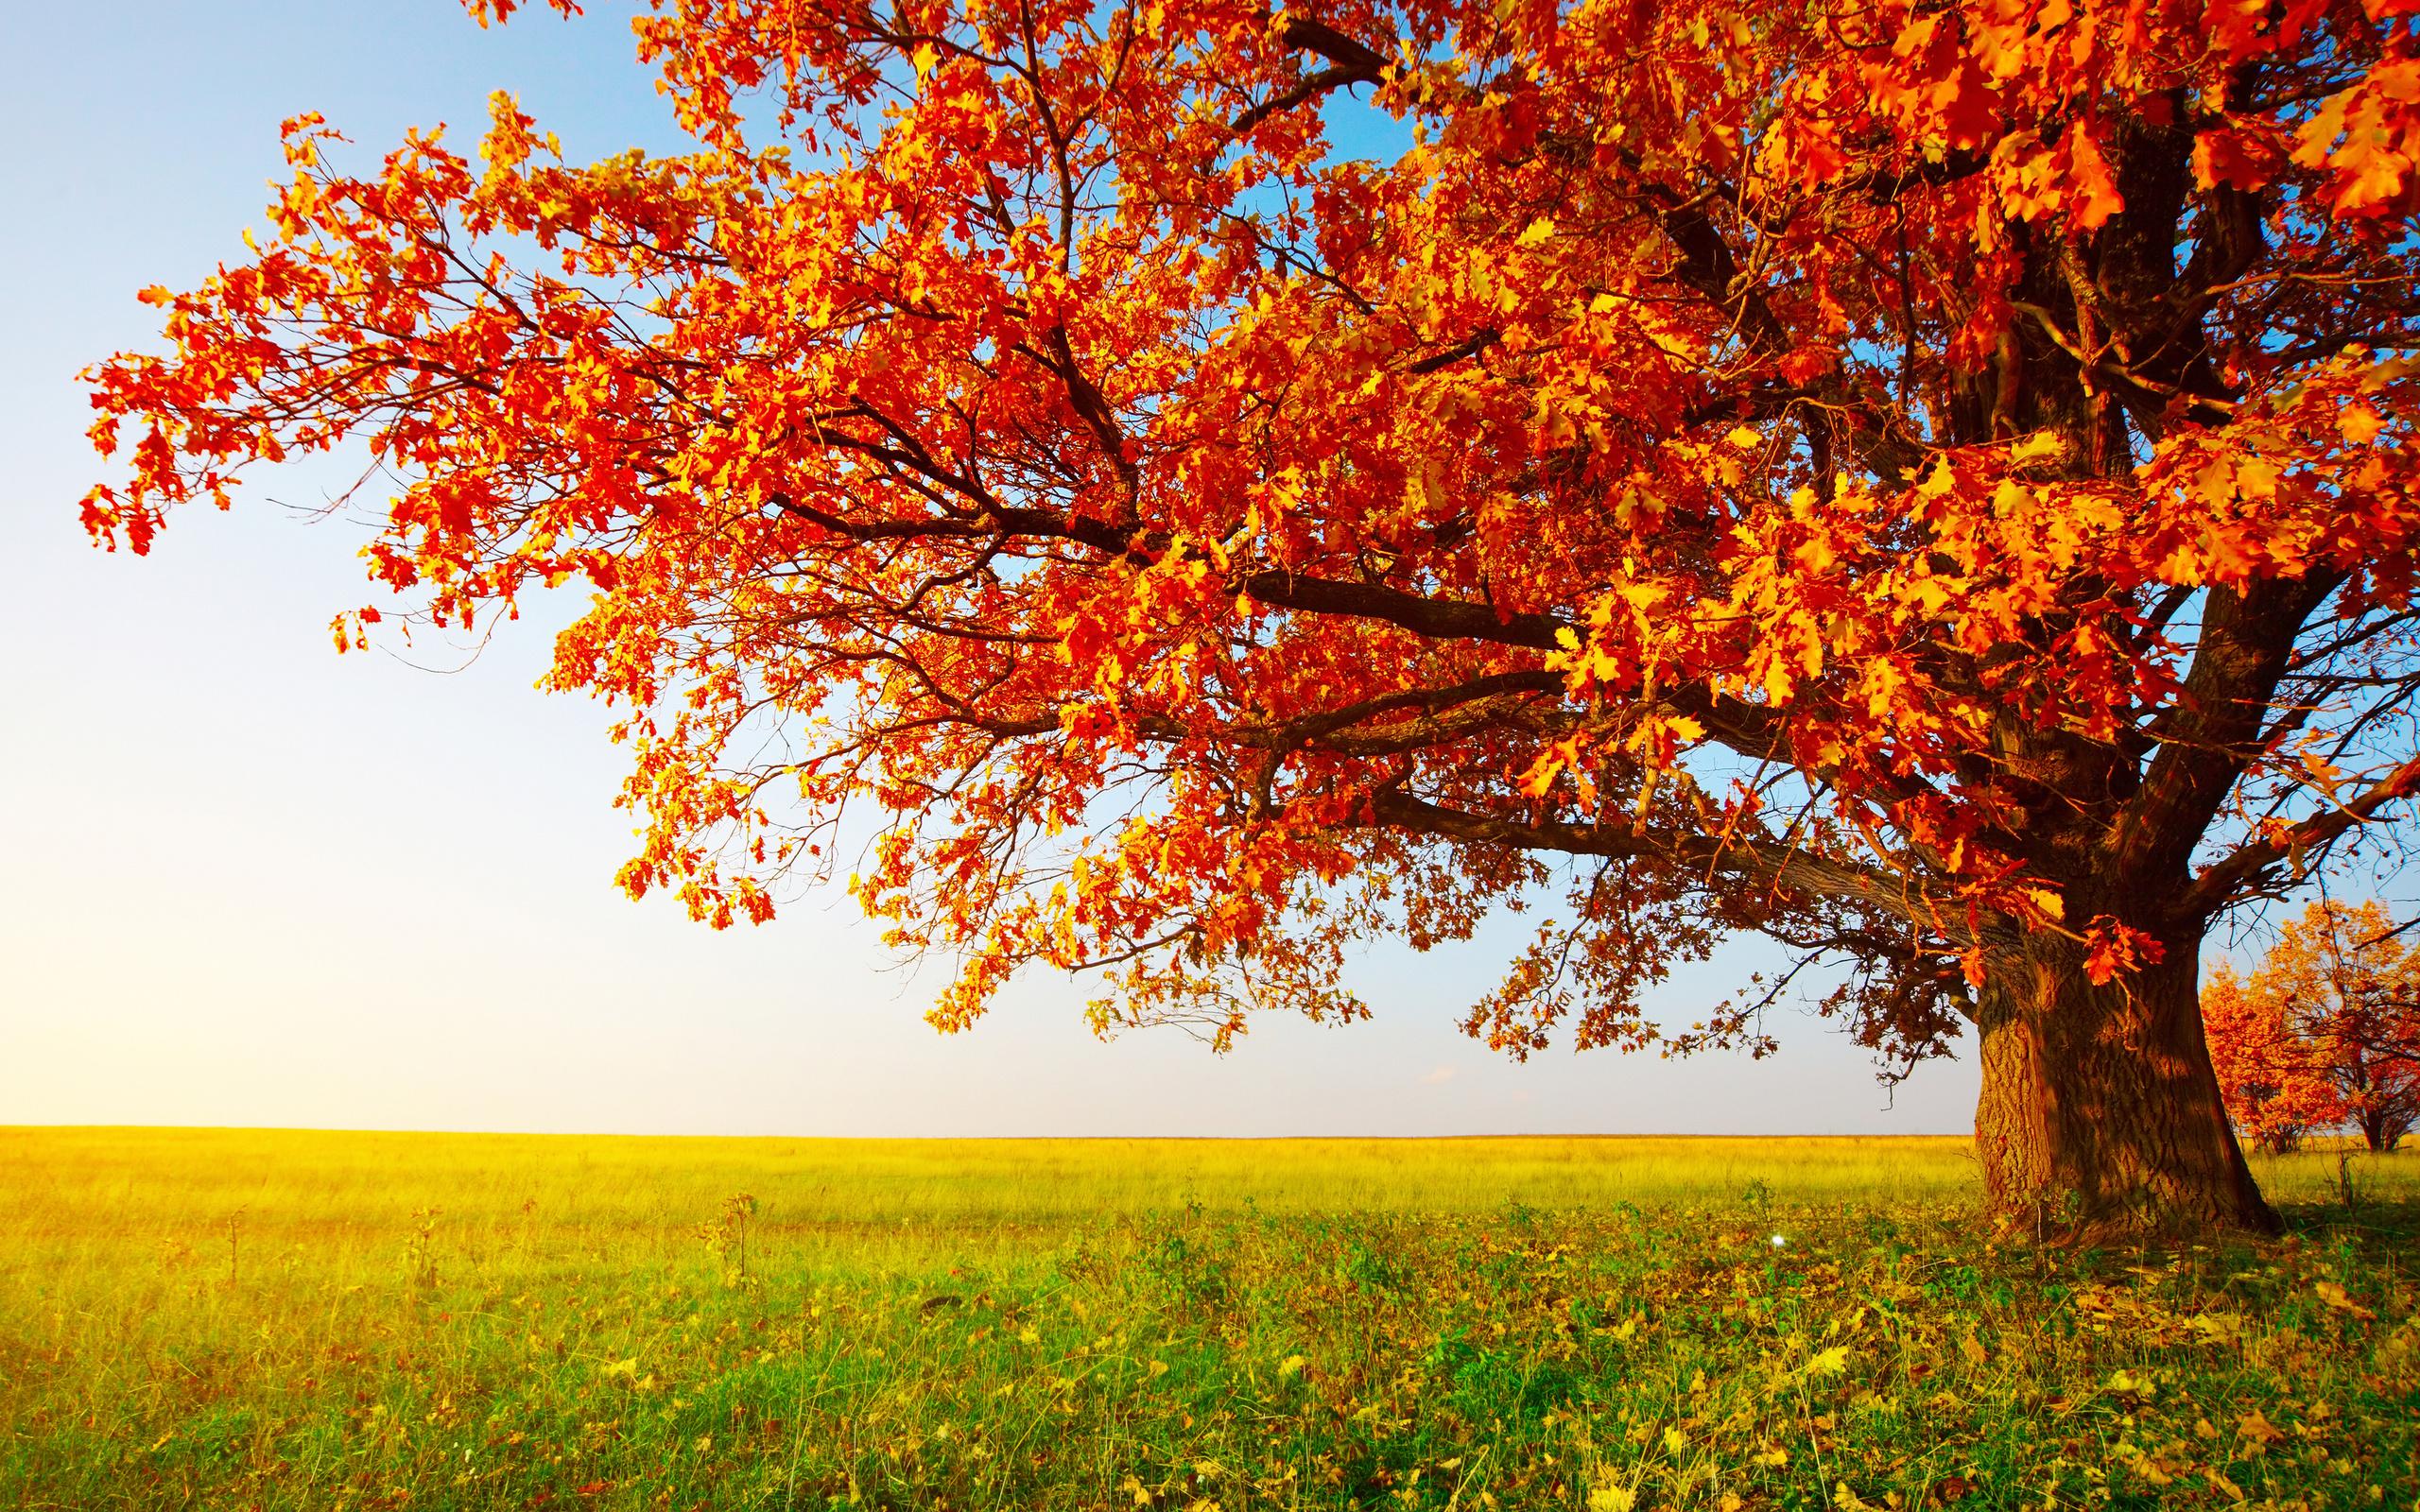 картинки осени красивые с хорошим разрешением выкидывать